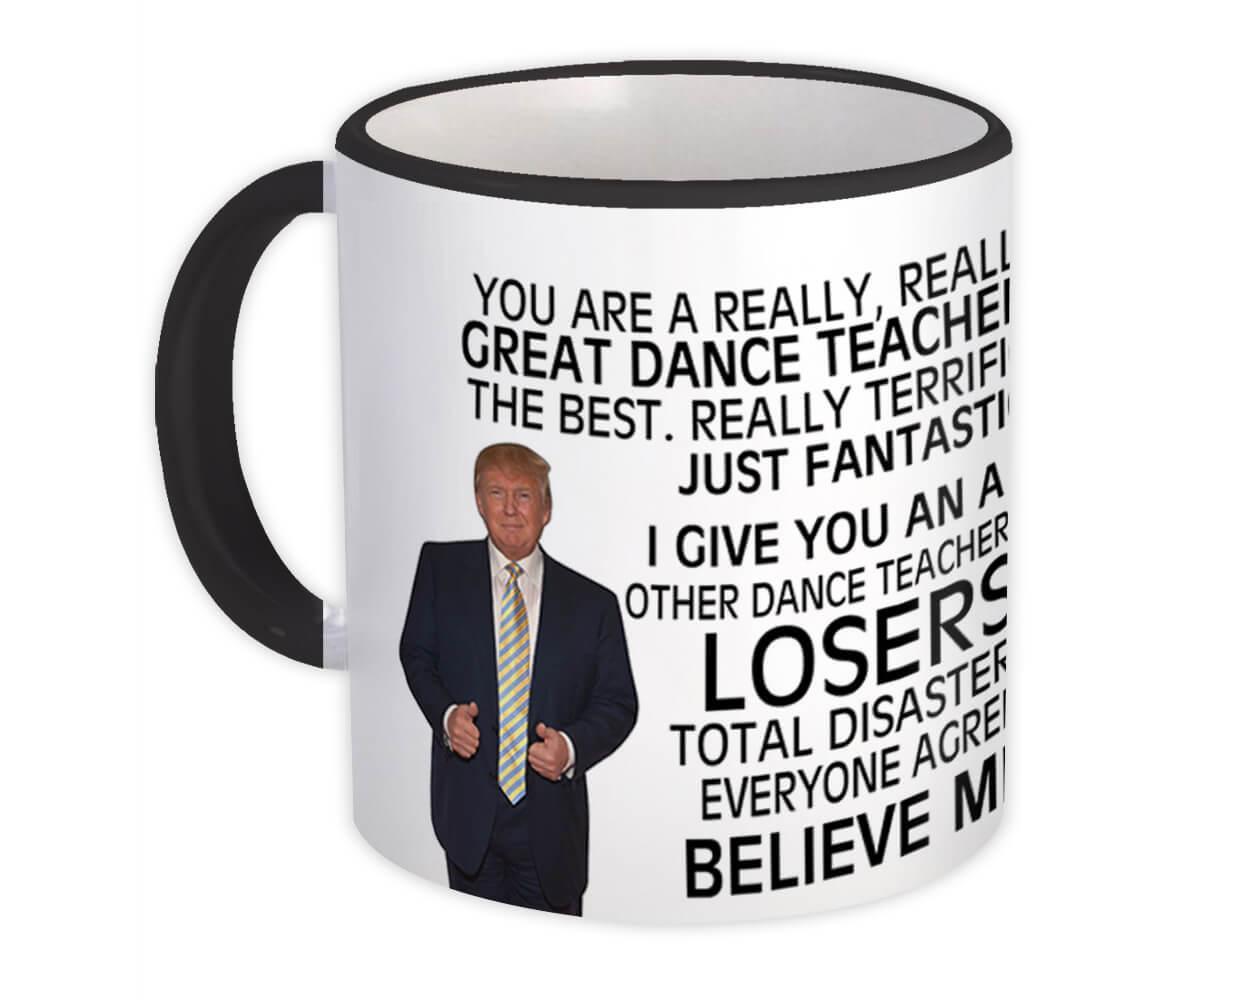 Gift for Dance Teacher : Gift Mug Donald Trump Great Dance Teacher Funny Christmas